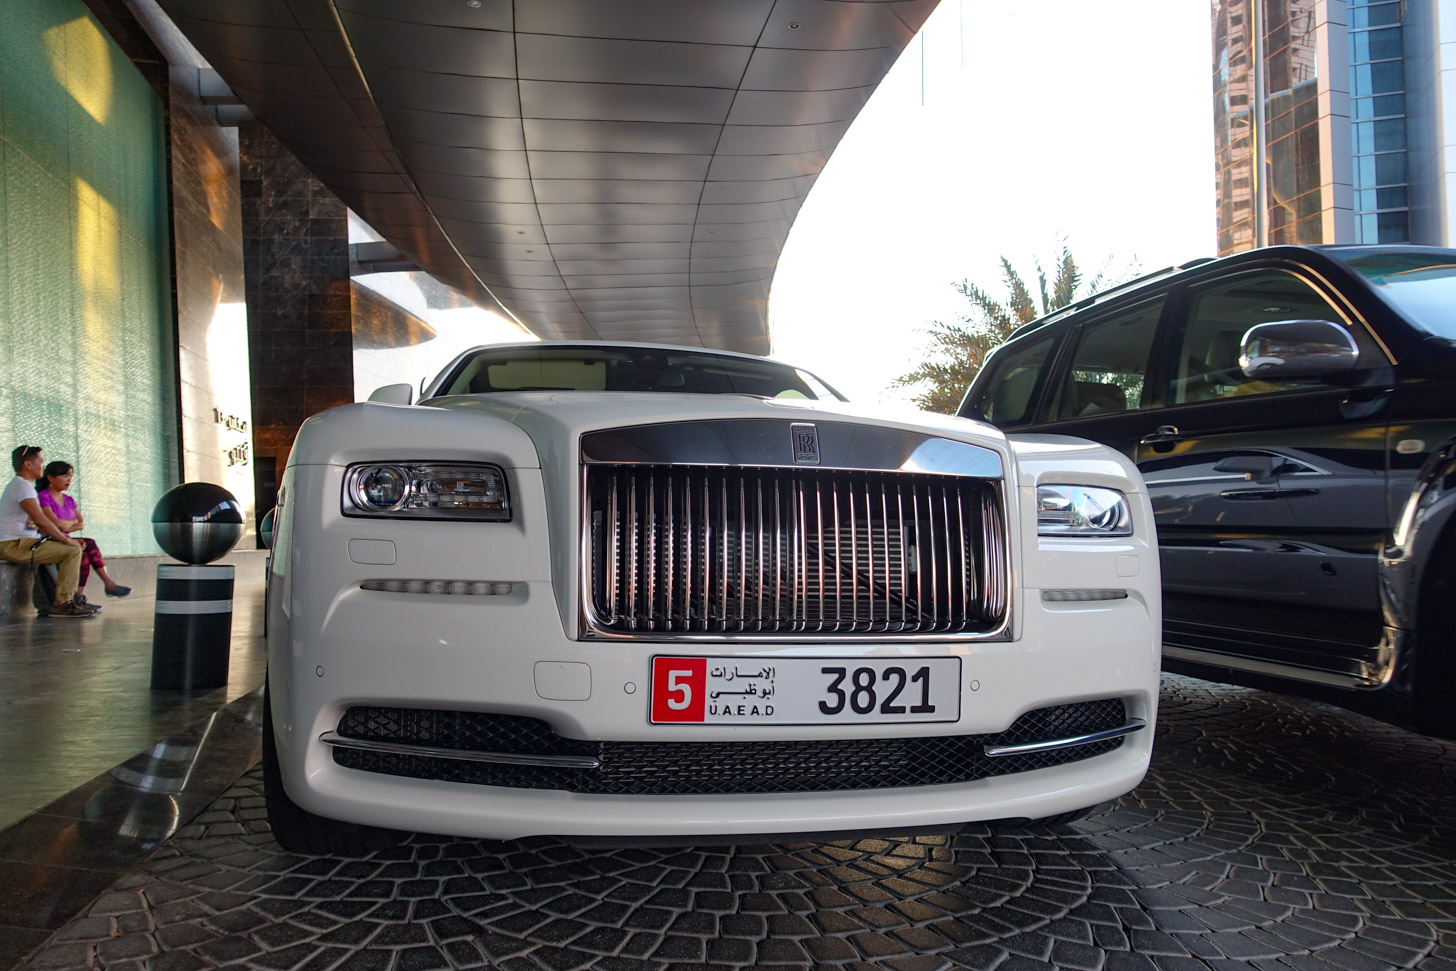 Dure bak in Abu Dhabi